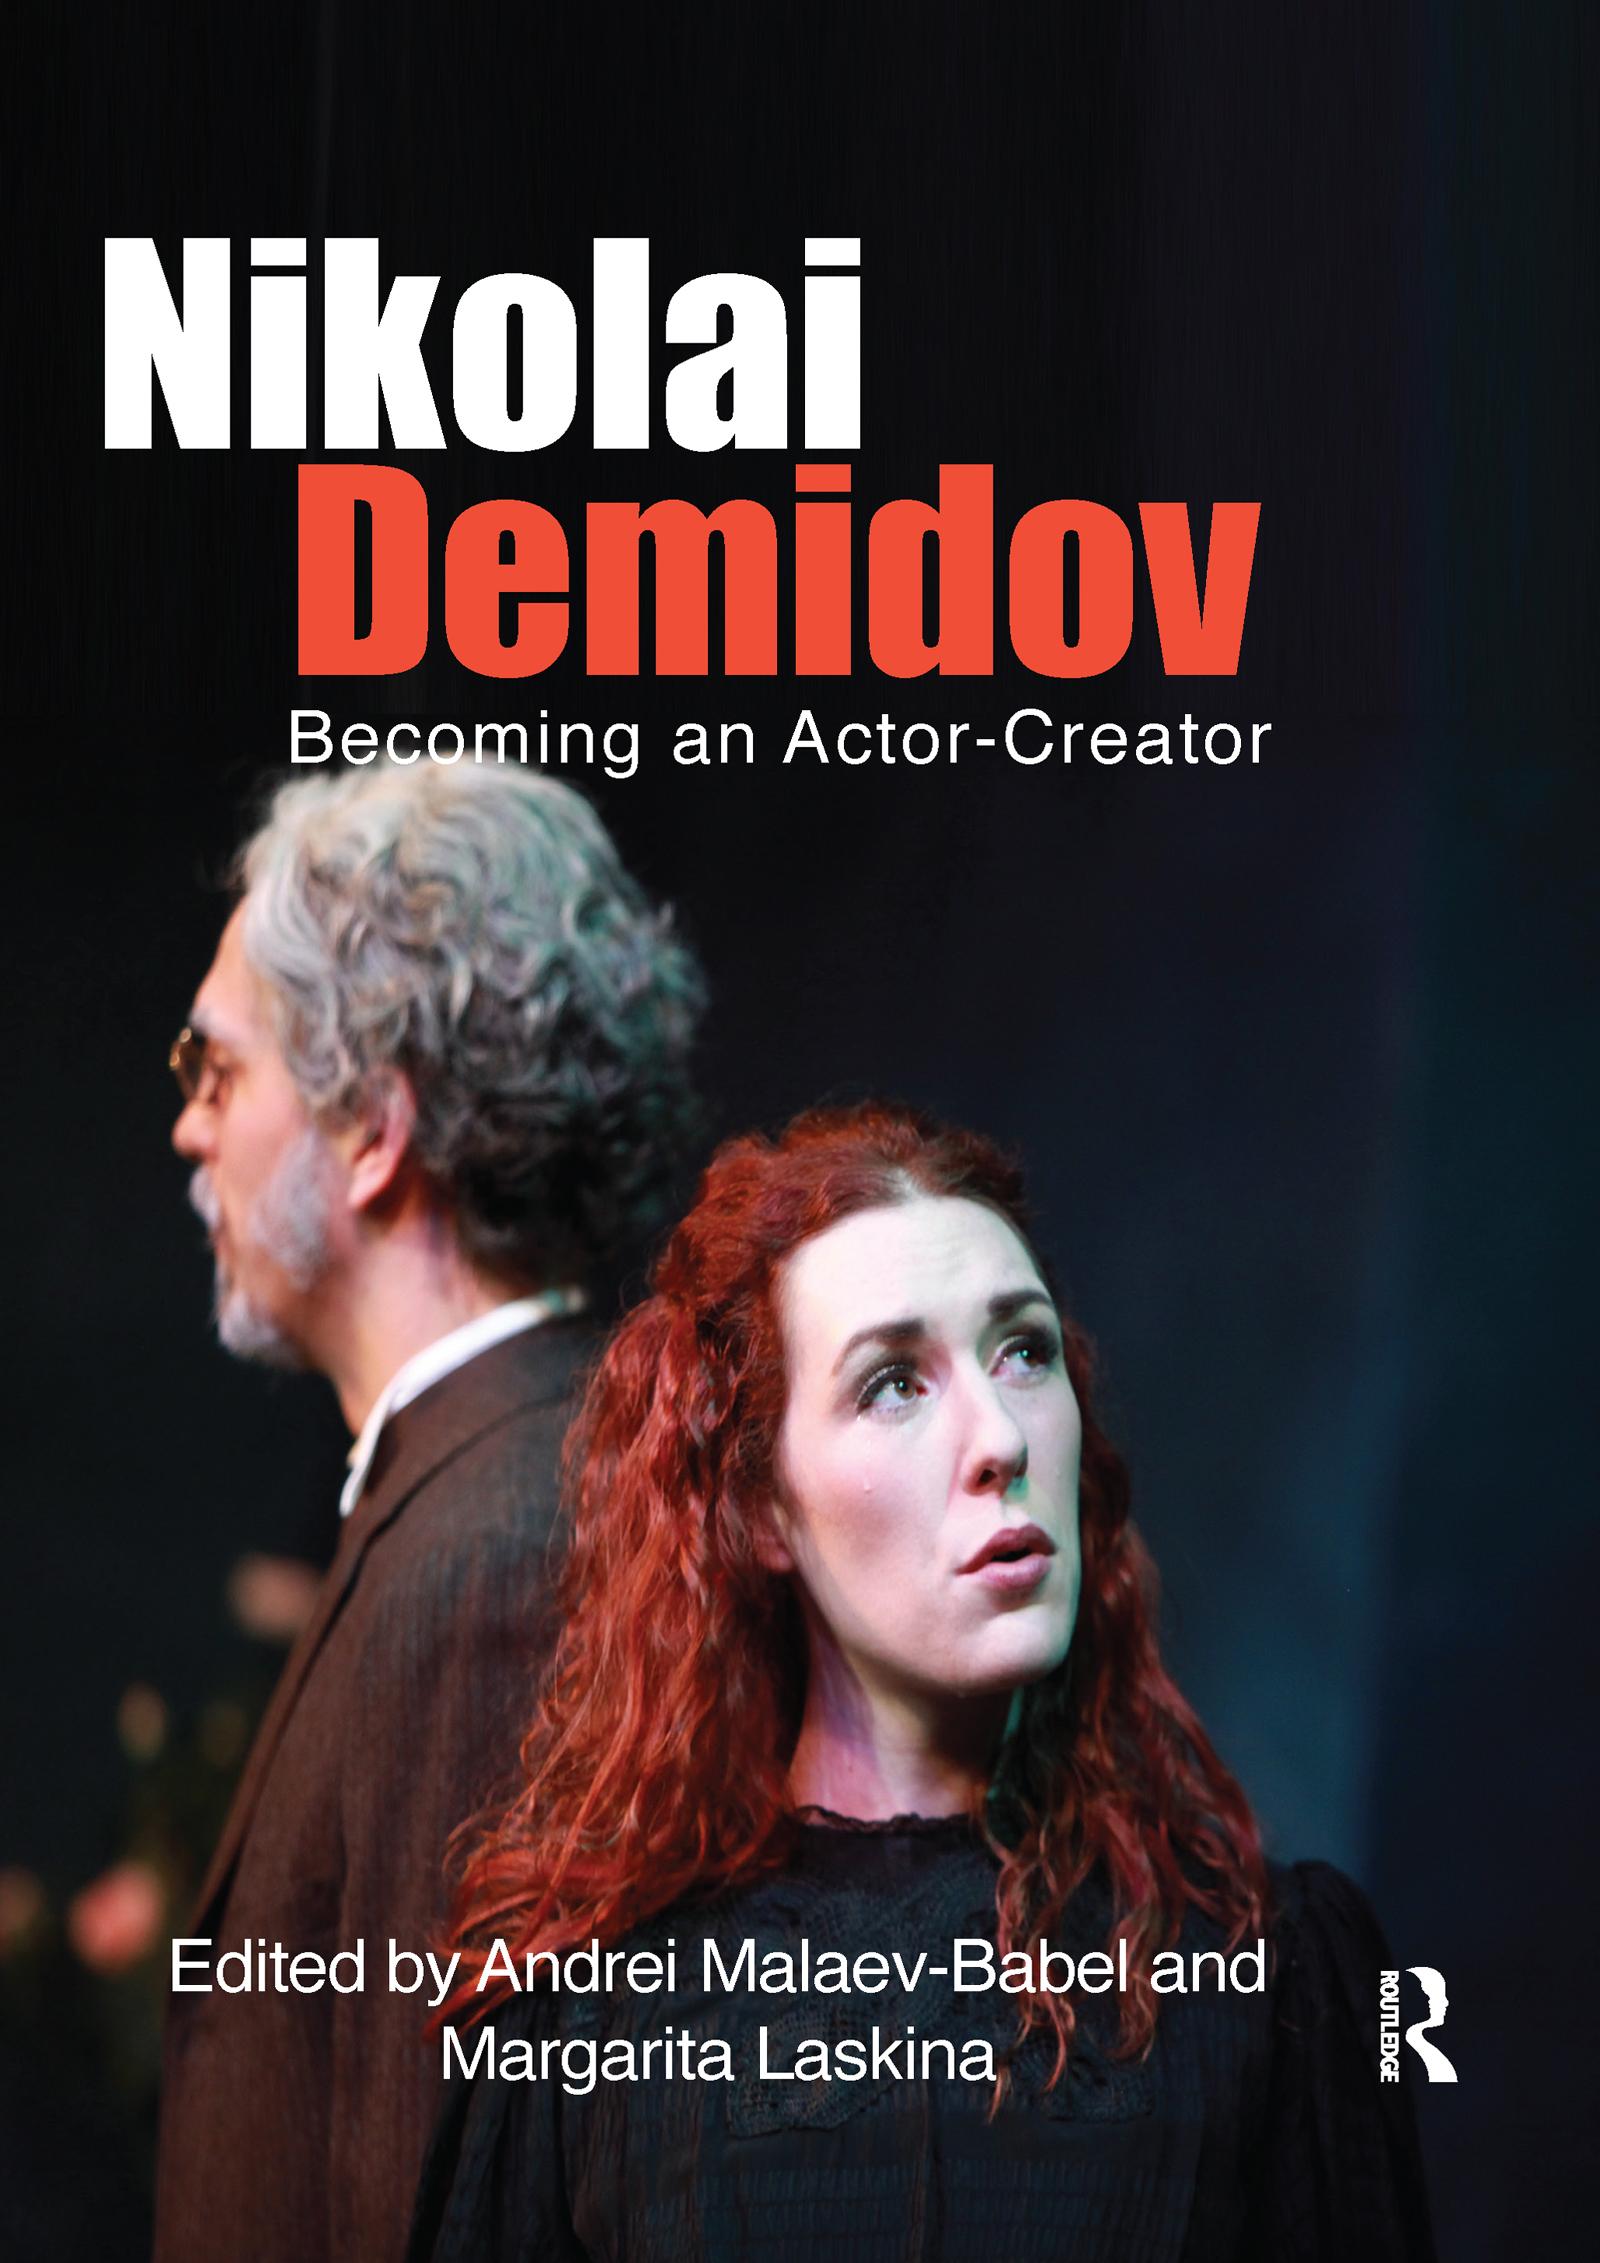 Nikolai Demidov